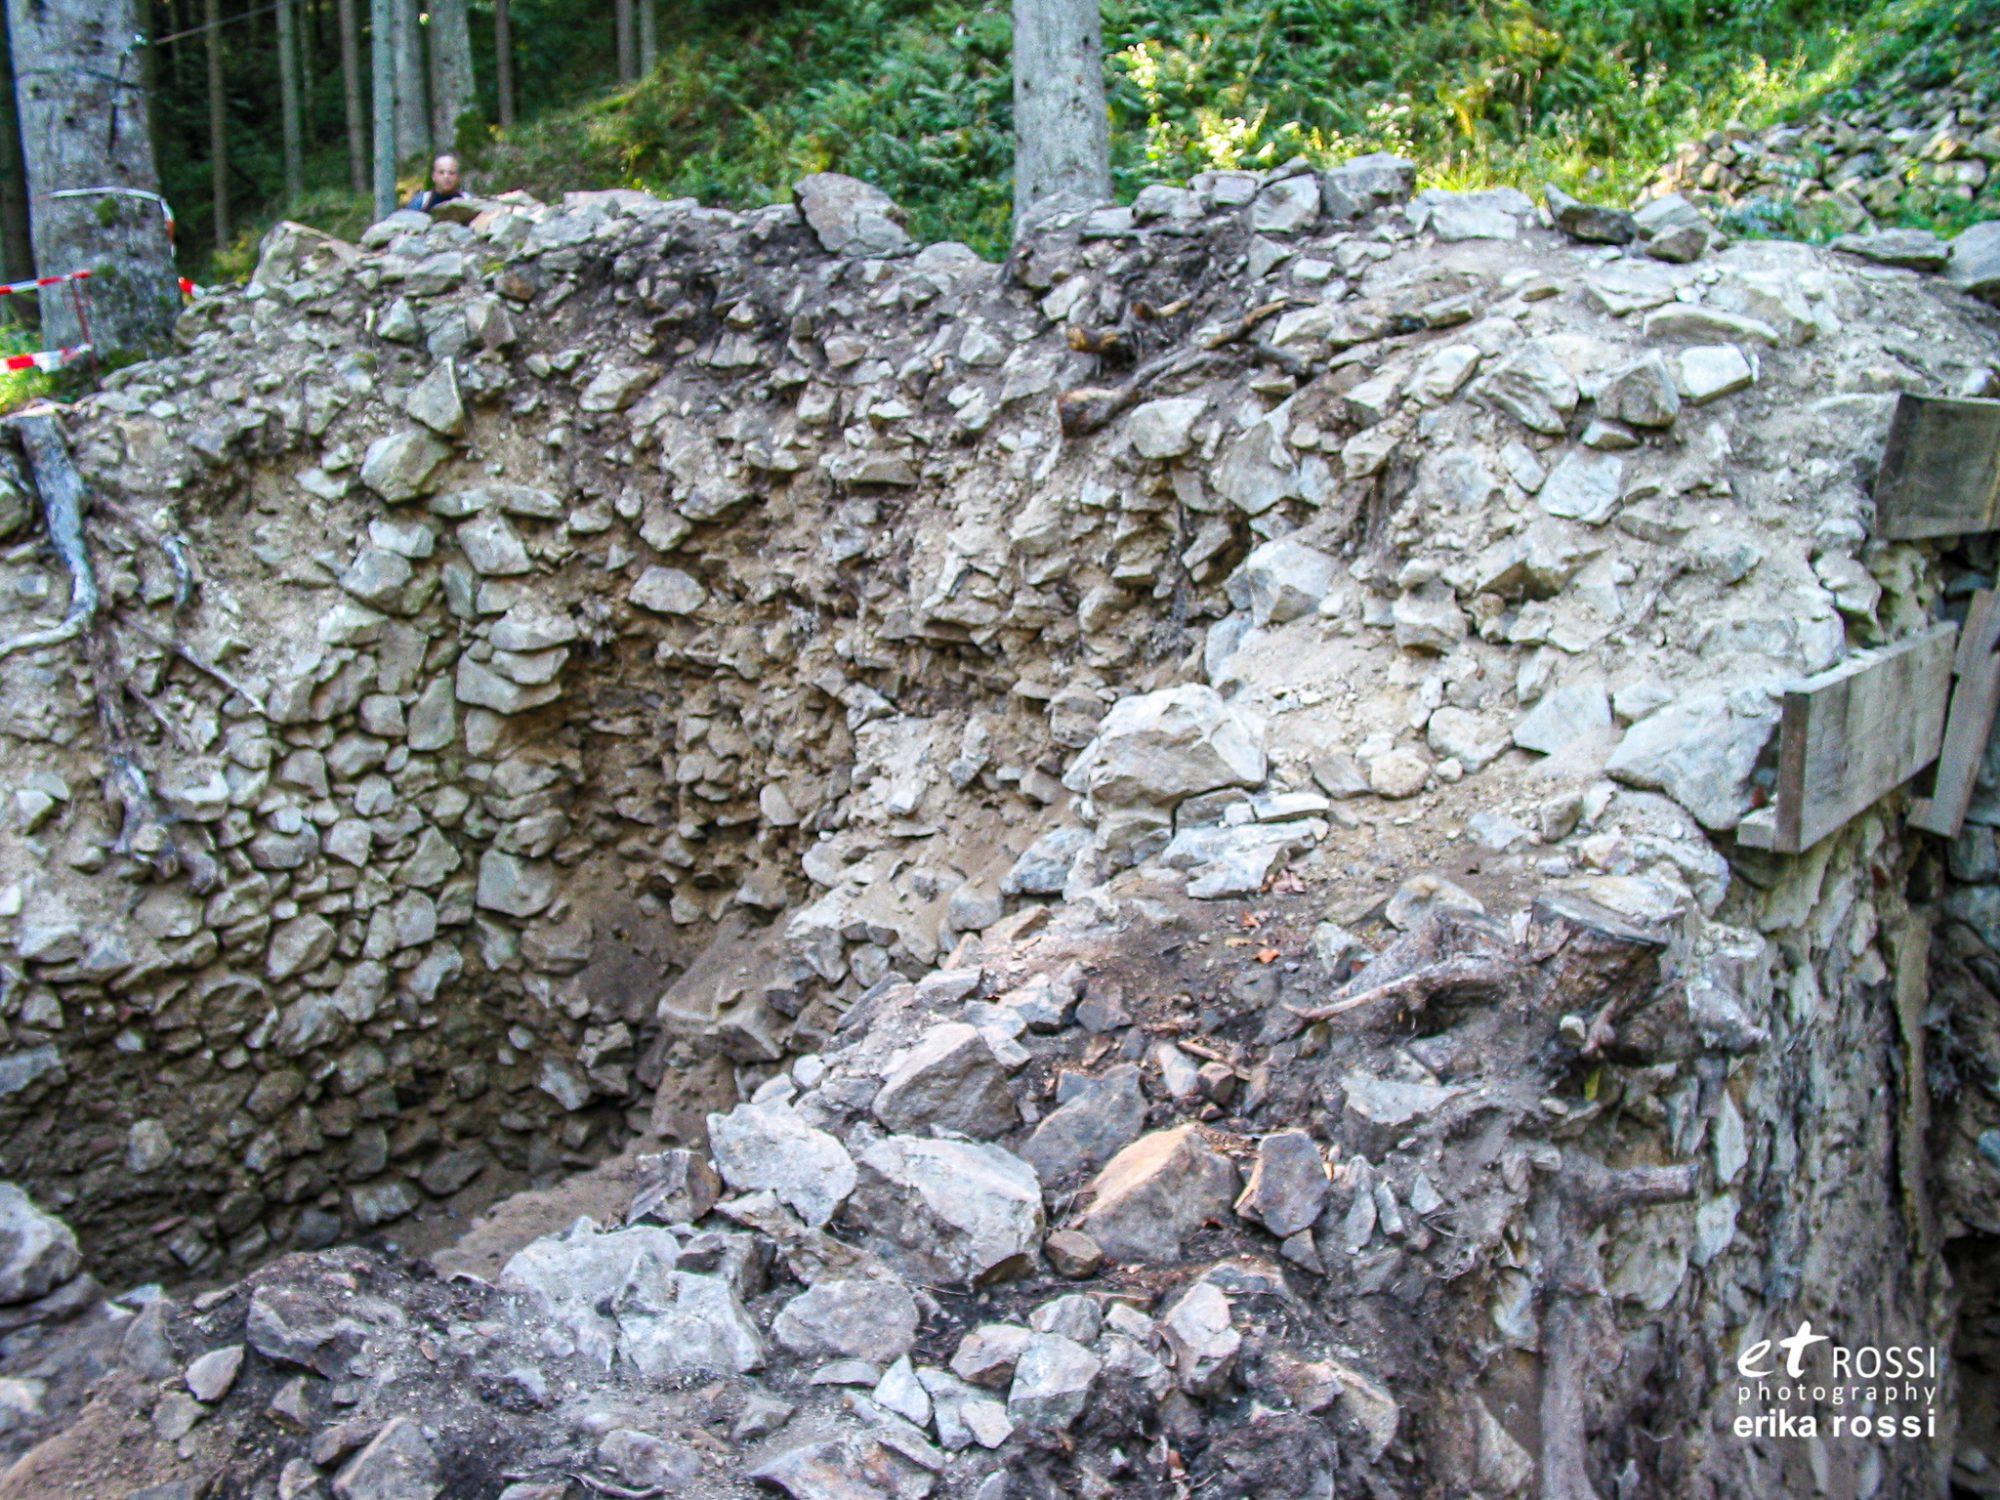 Birchiburg 2003 09 14 0012 - Birchiburg